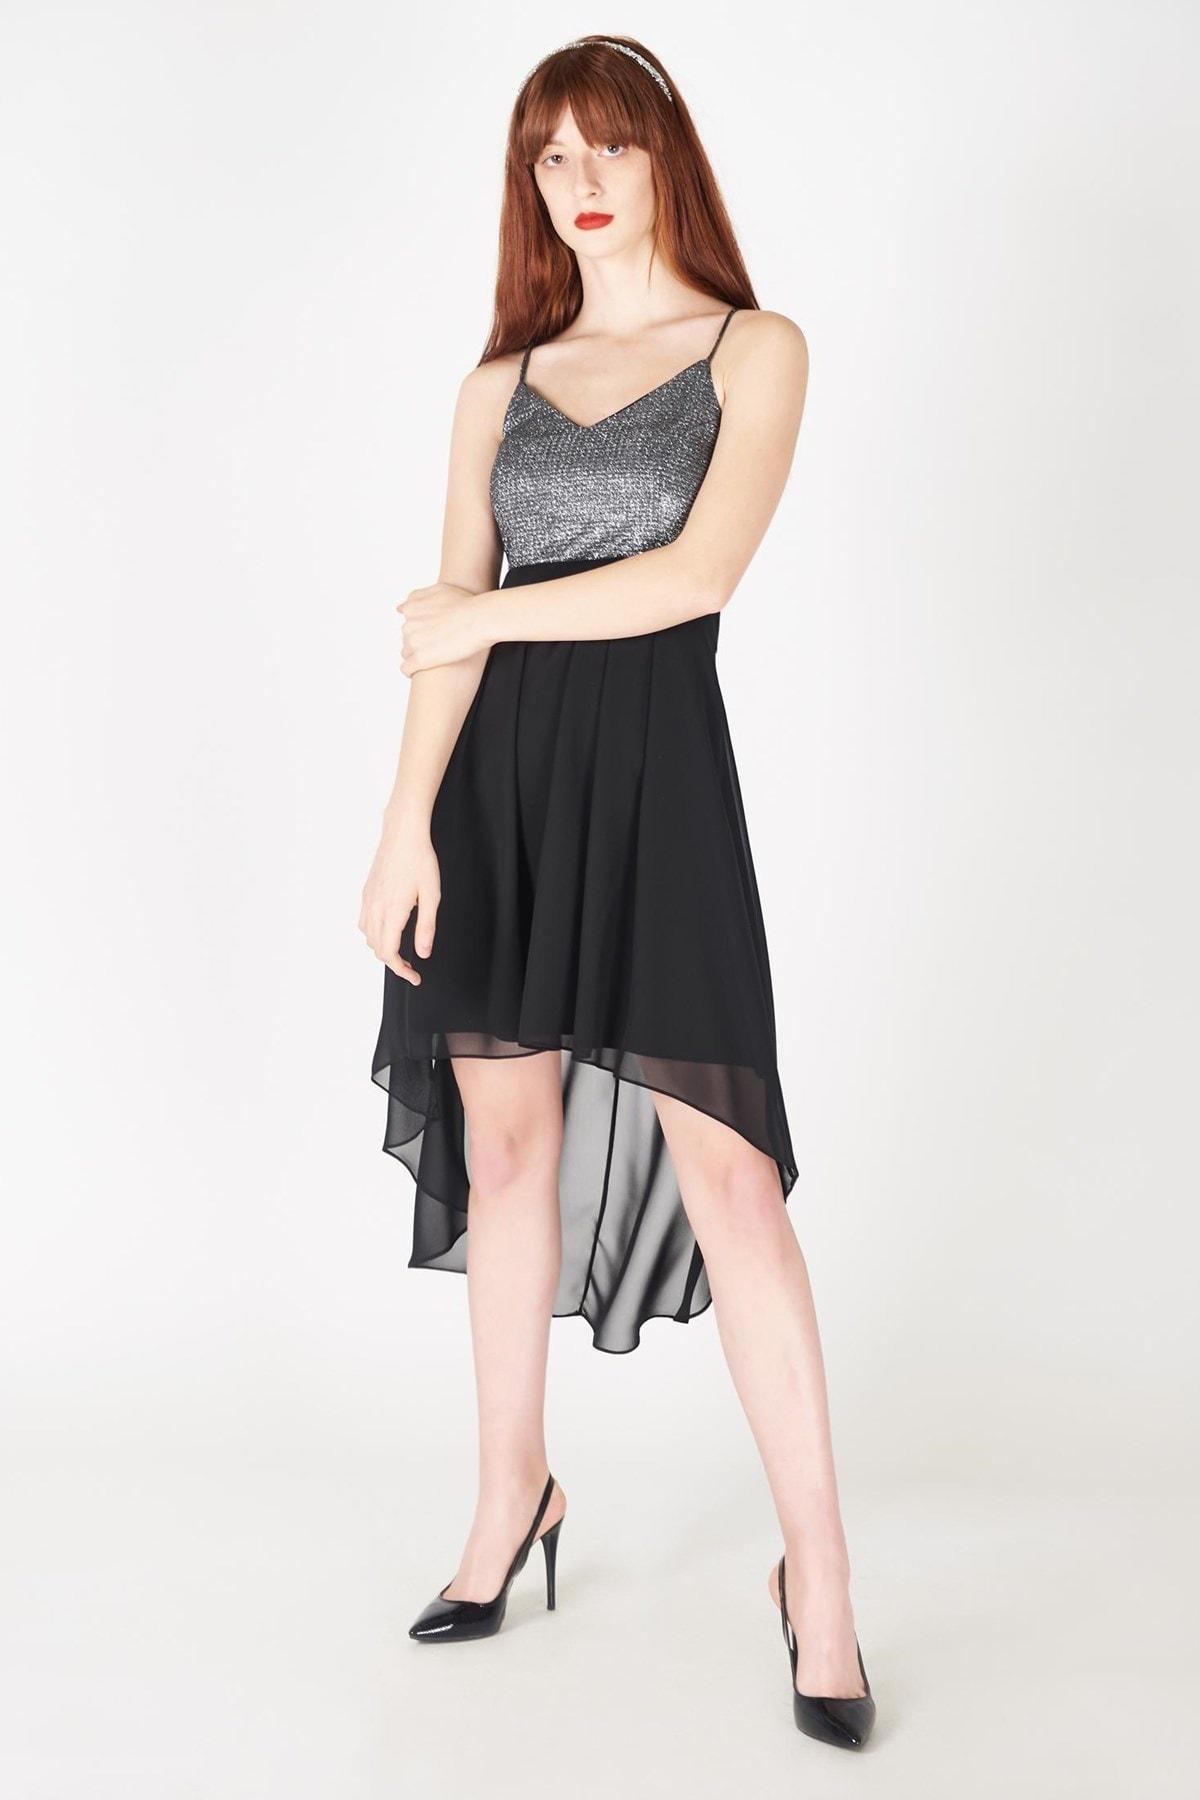 Addax Kadın Siyah Gümüş Üst Simli Şifon Elbise E5193-091 ADX-0000017100